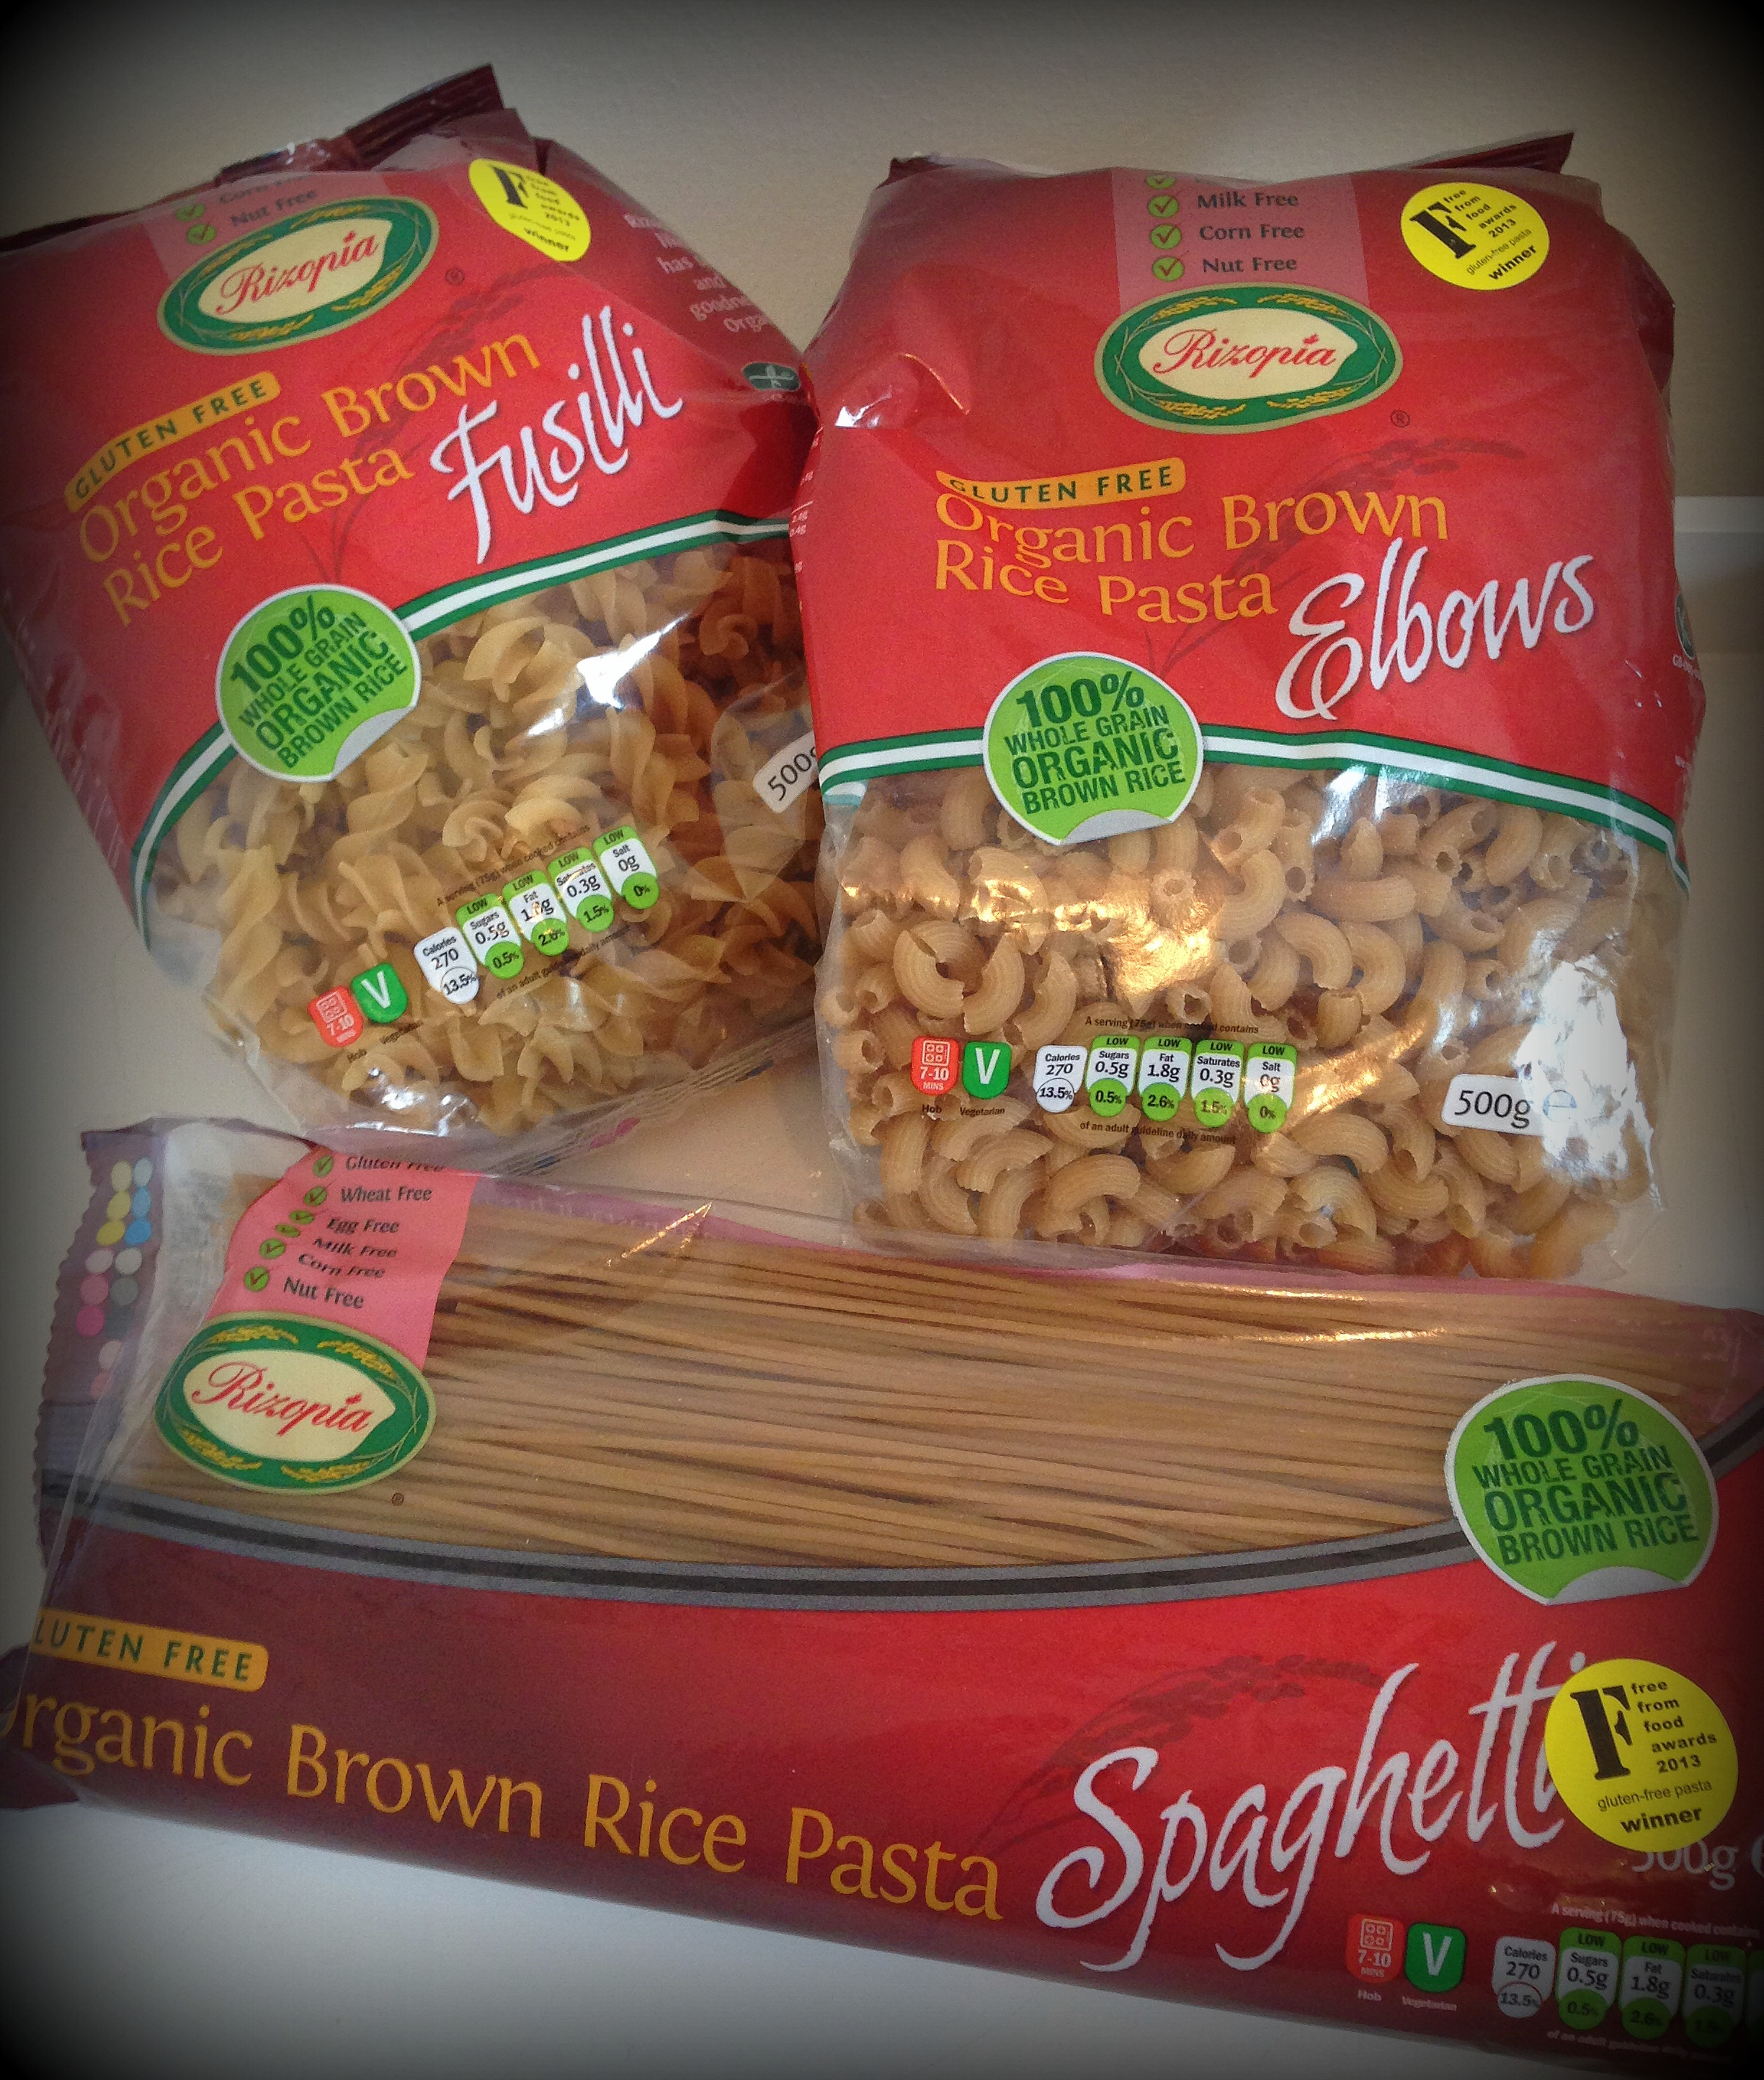 Brown rice pasta vs whole wheat pasta